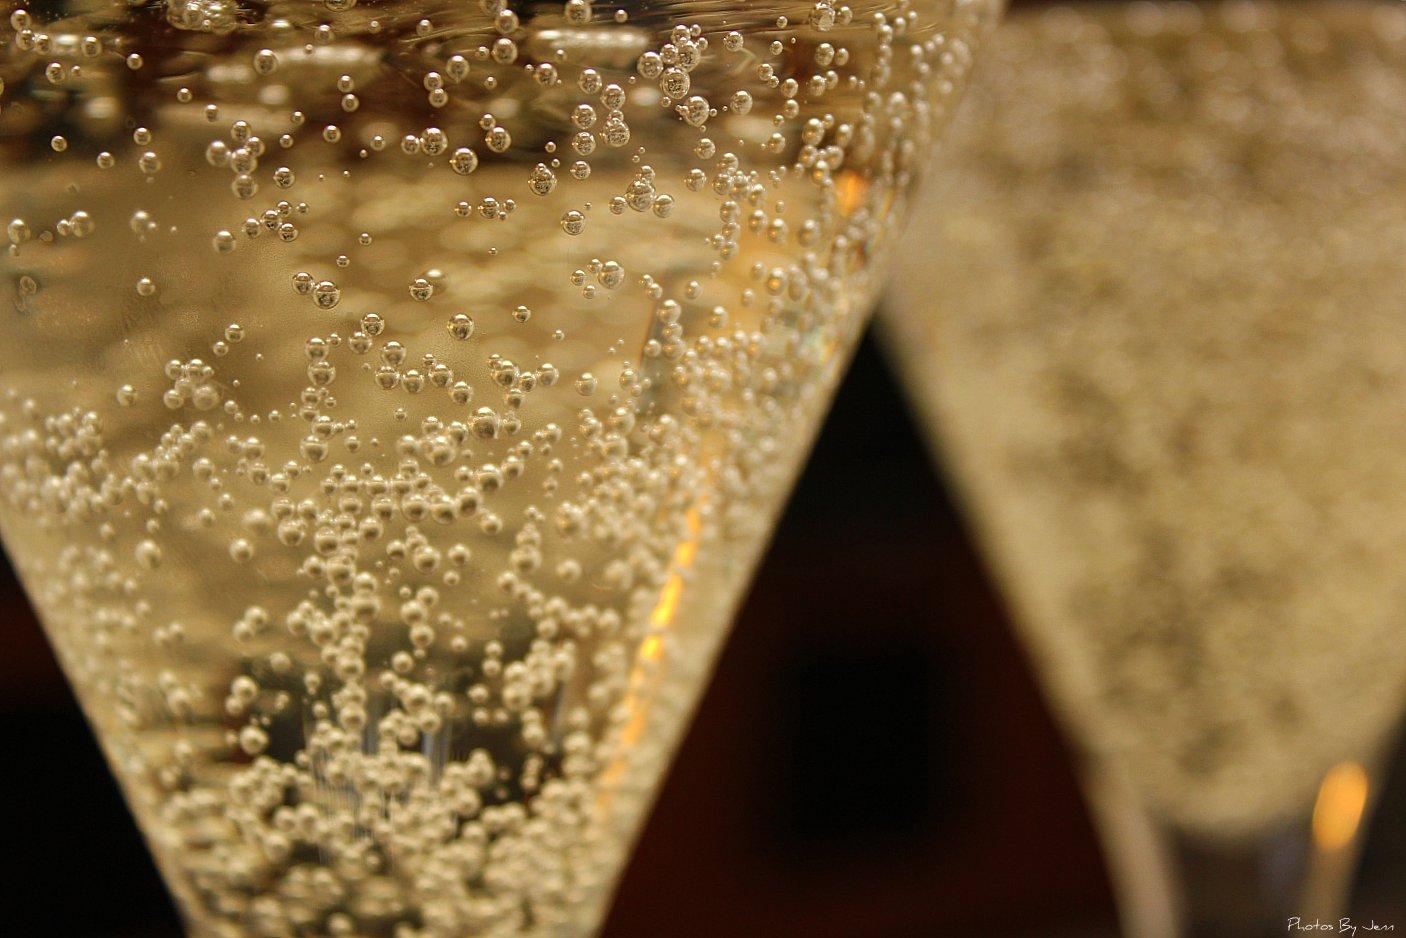 Le llamaban Burbujas